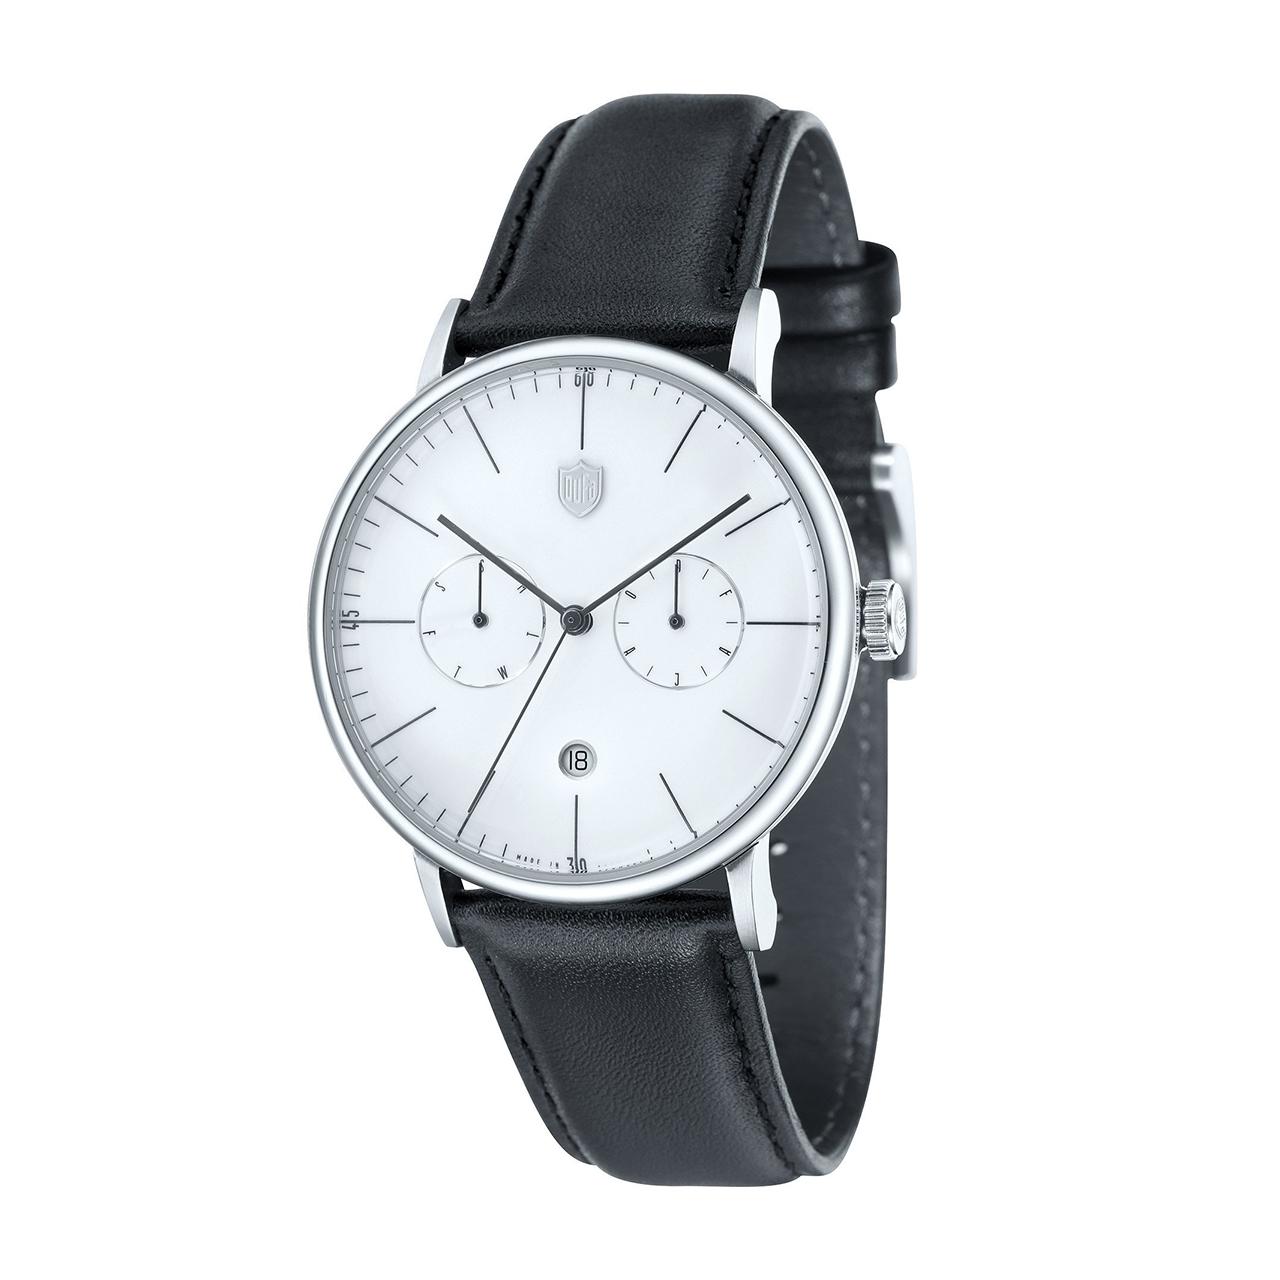 ساعت مچی عقربه ای مردانه دوفا مدل DF-9014-01 2